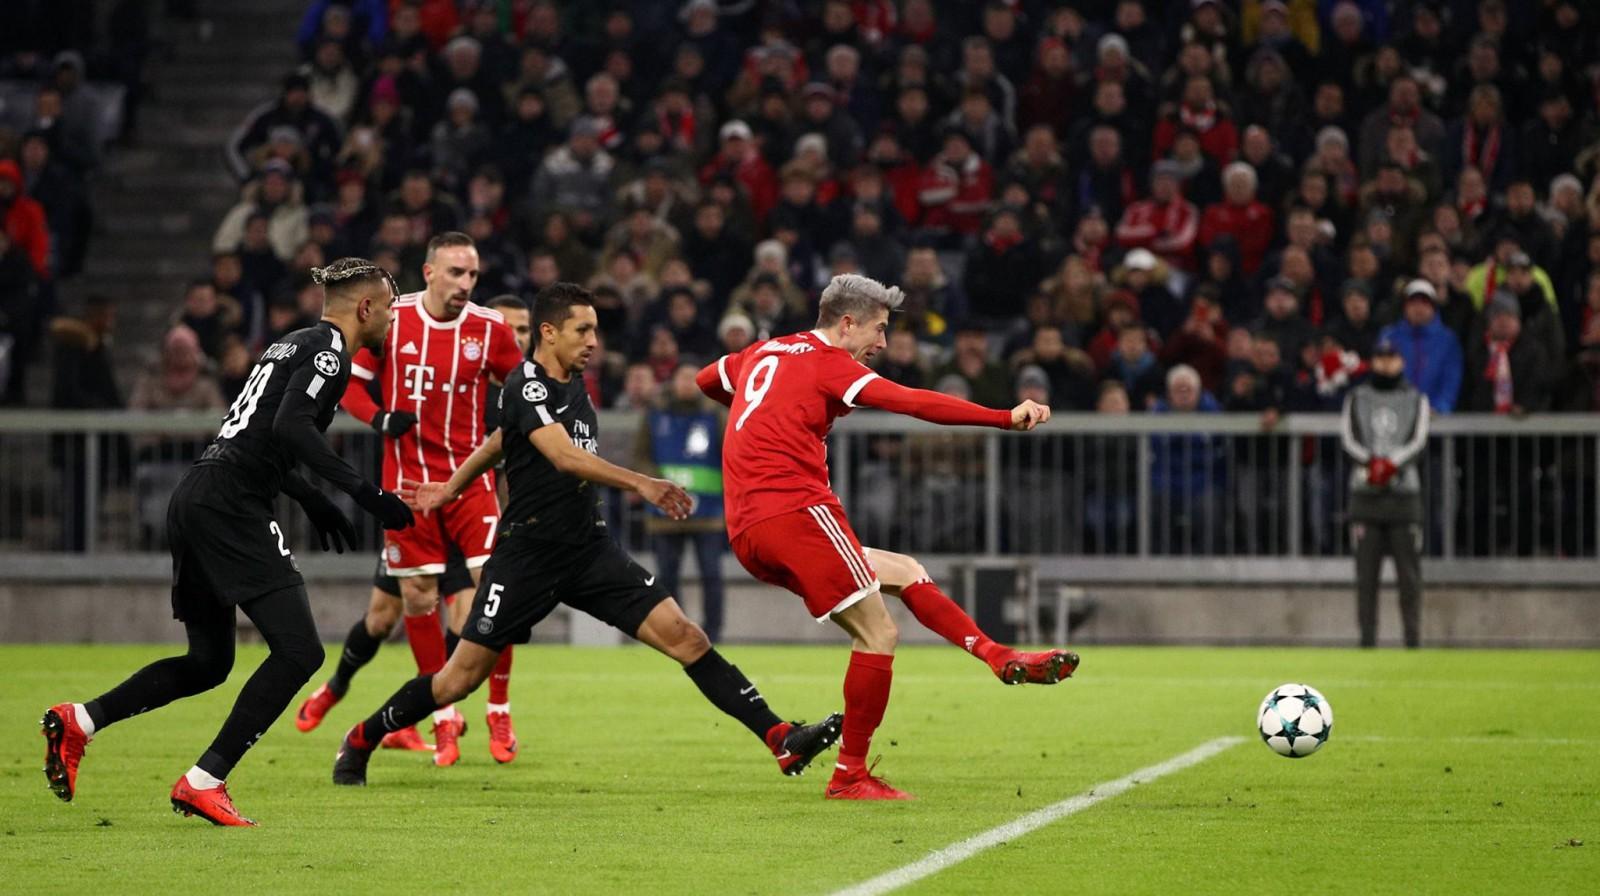 Bayern 3-1 PSG: Bavarezii au făcut spectacol în duelul cu echipa lui Neymar și Cavani